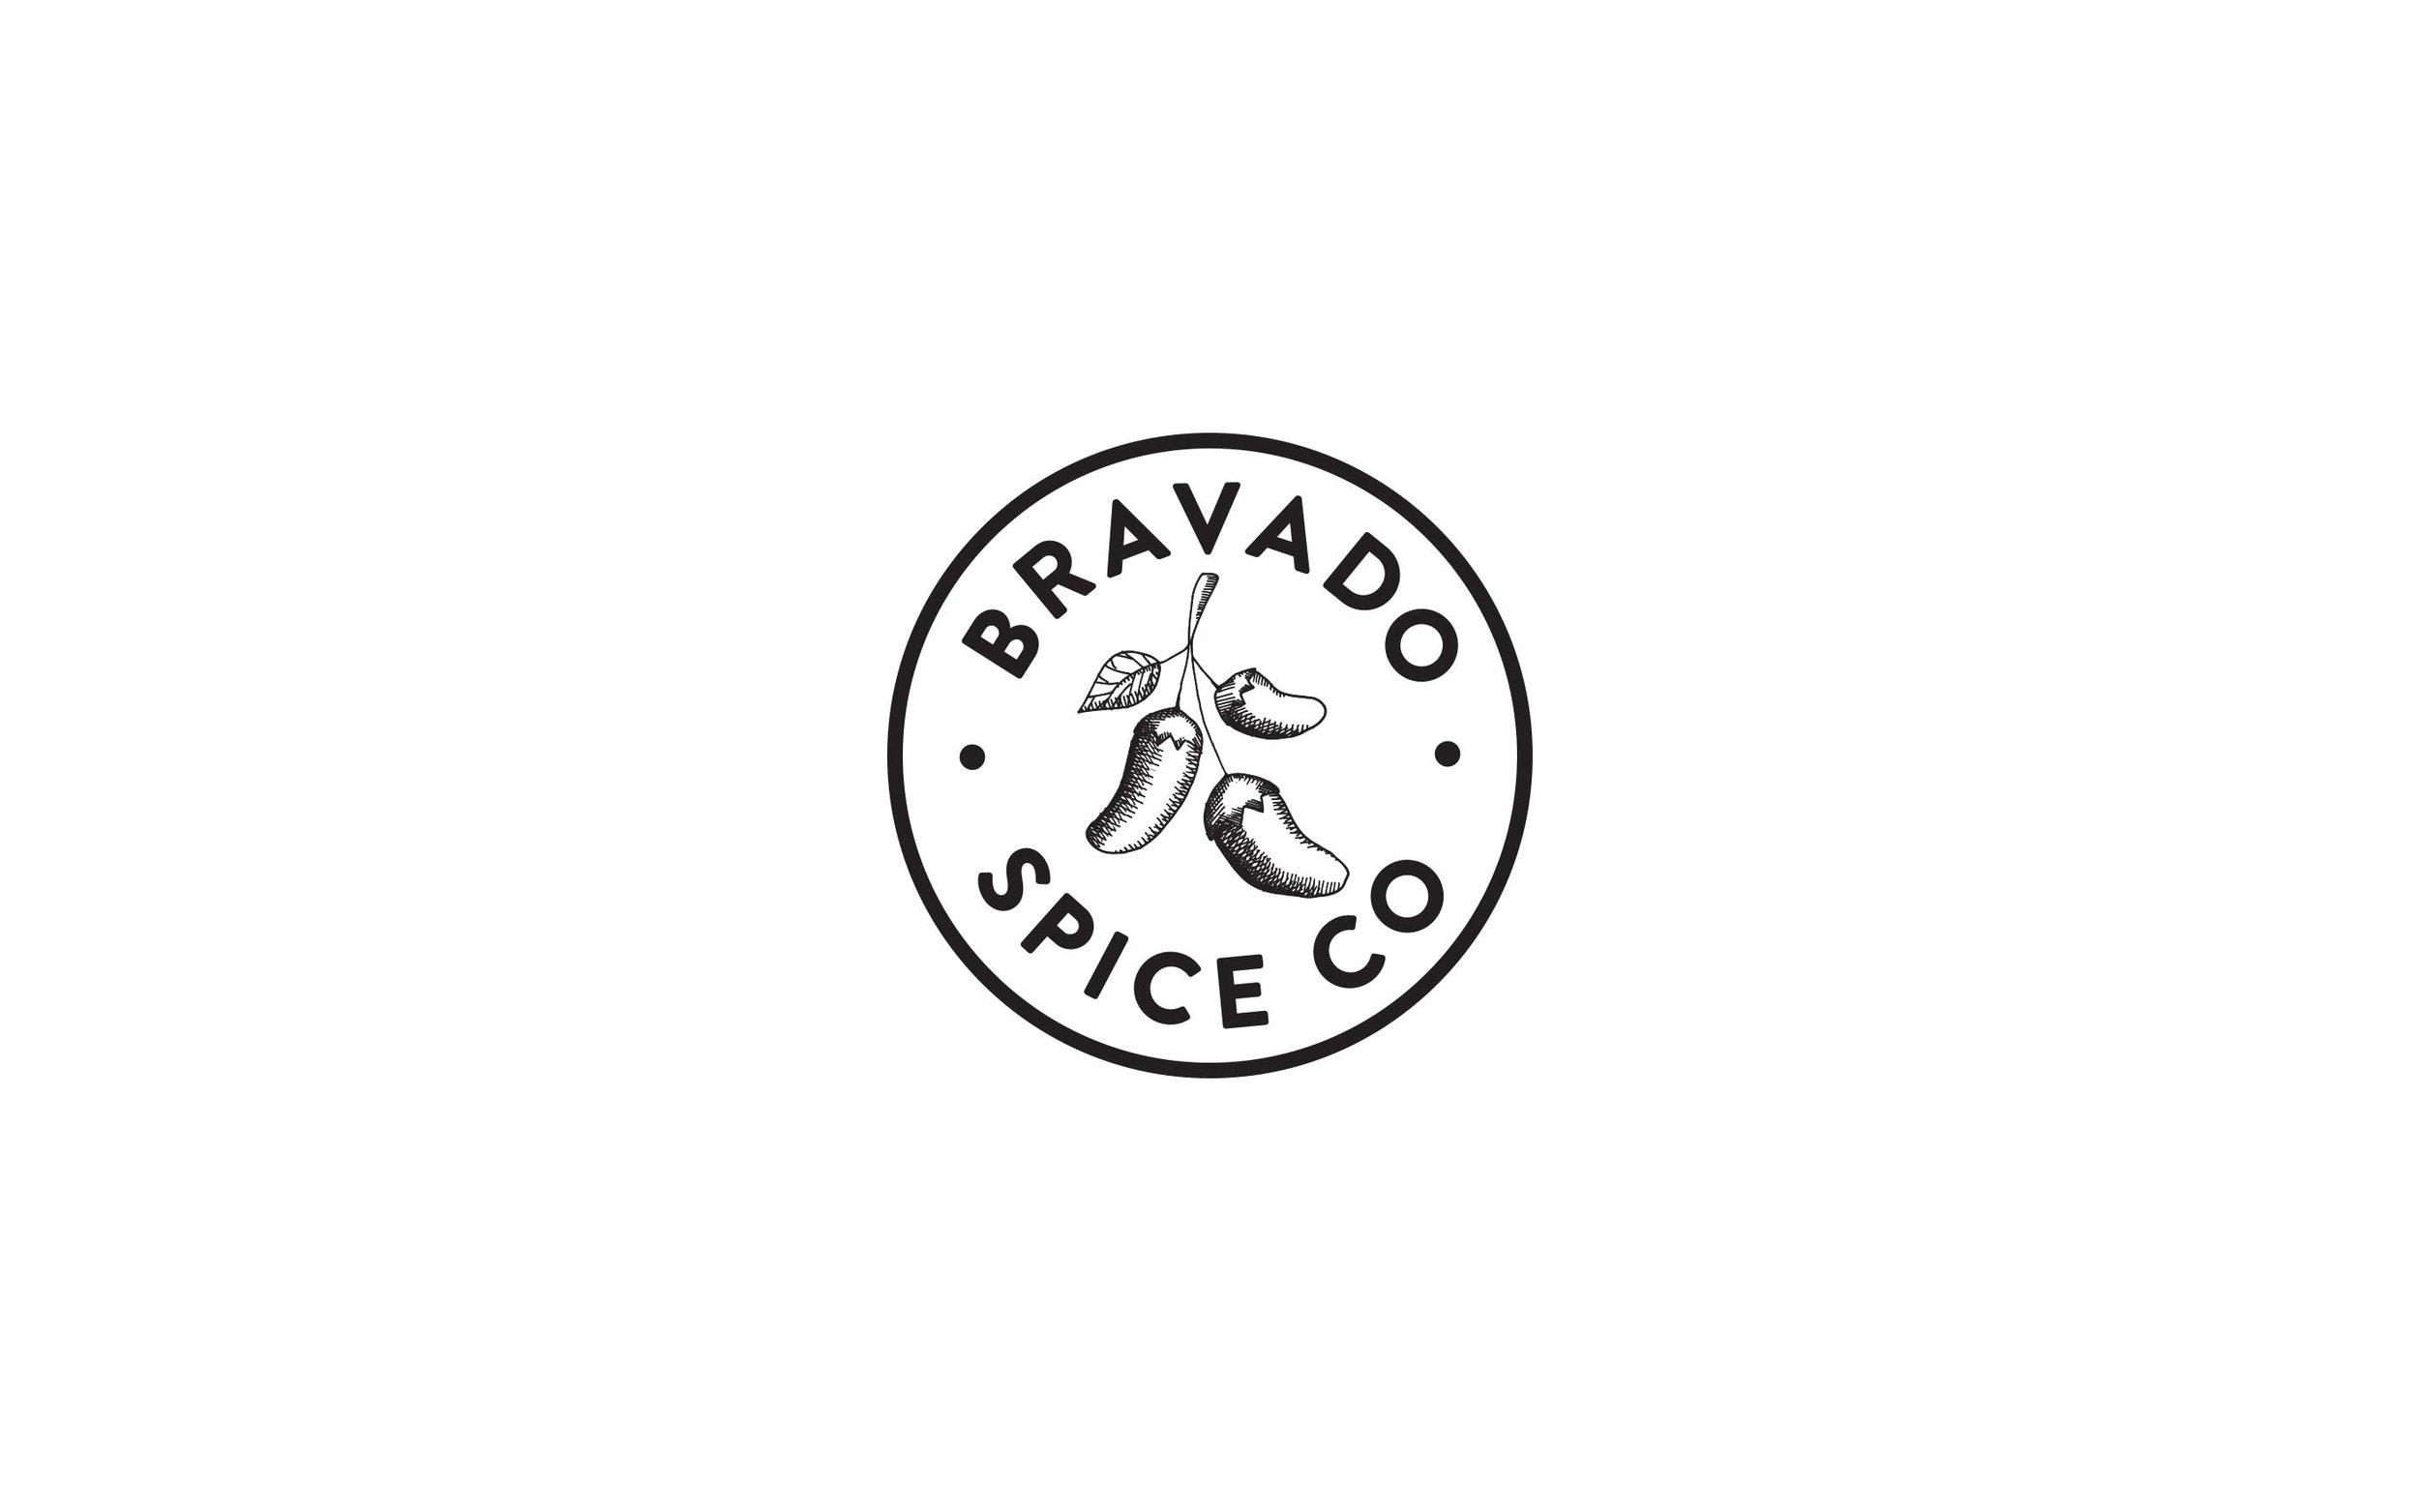 bravado-spice_logo-v1.jpg